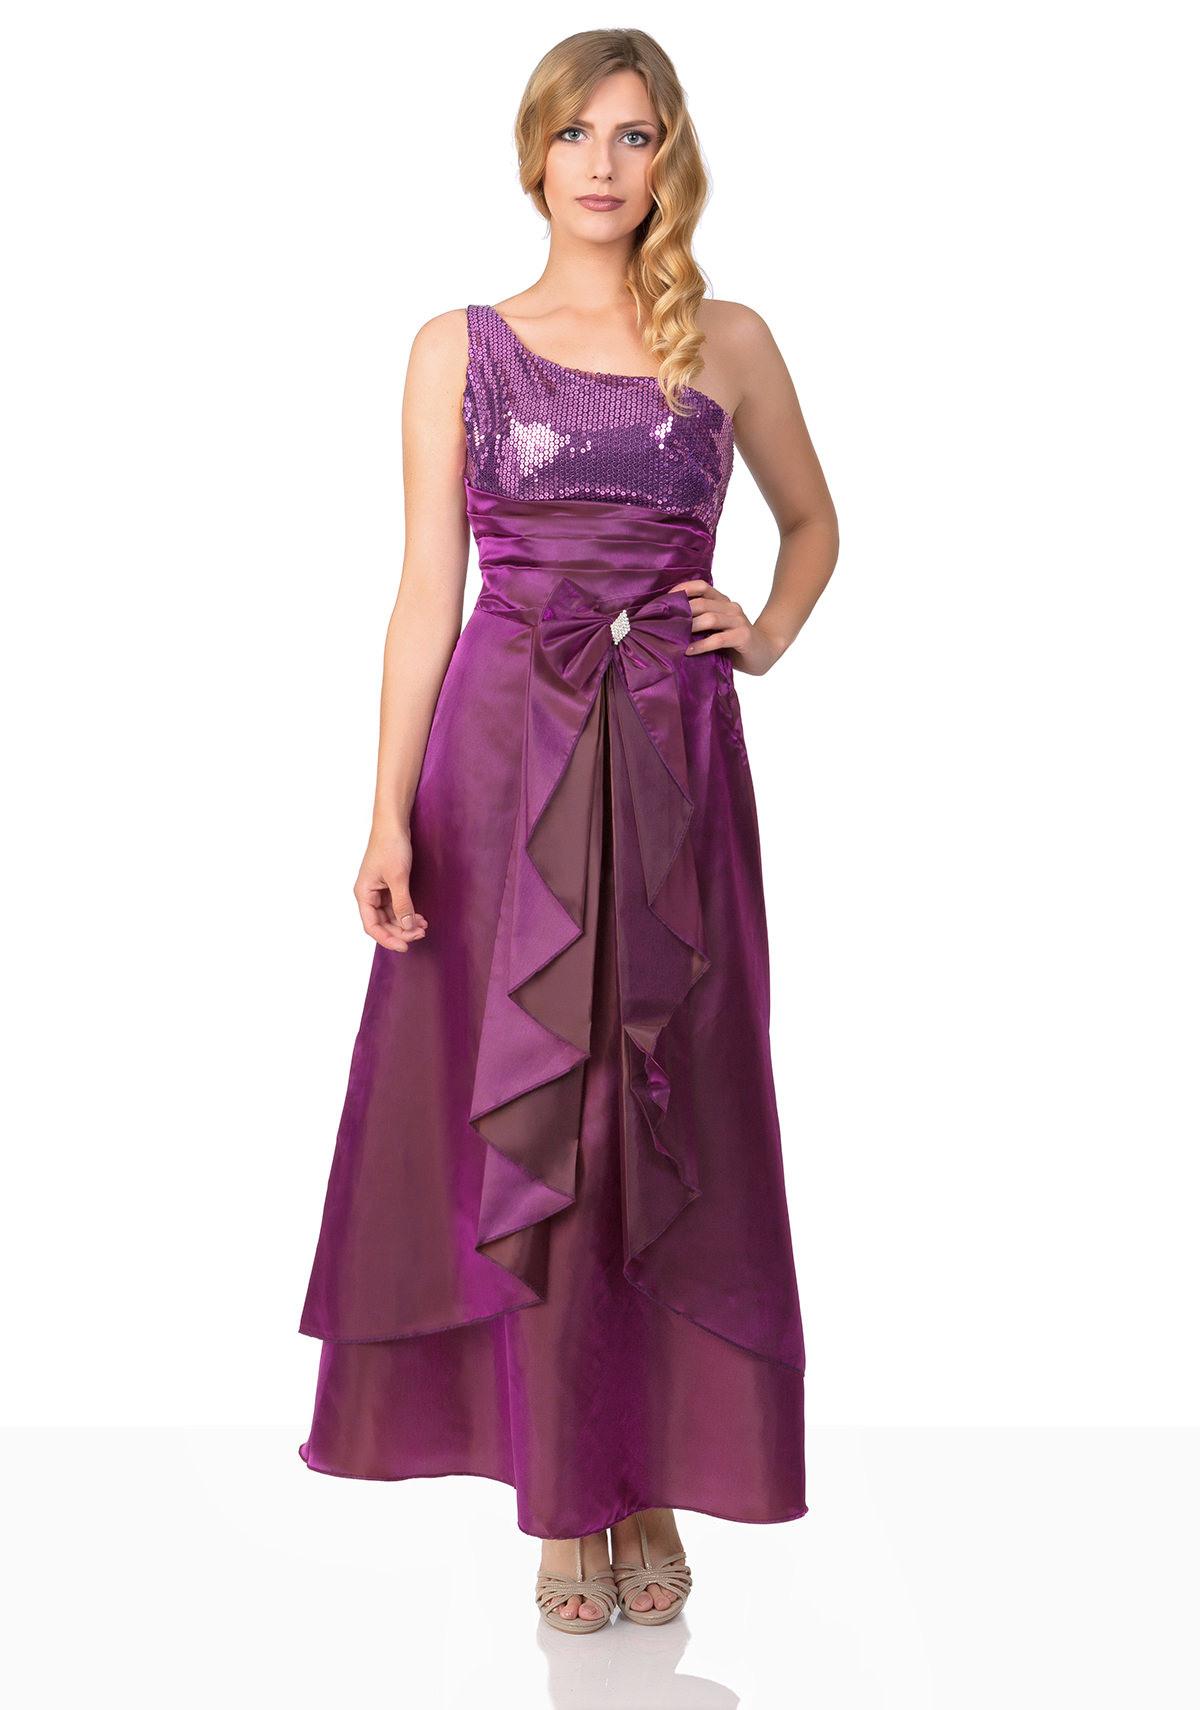 17 Wunderbar Abendkleid In Flieder Ärmel13 Leicht Abendkleid In Flieder Stylish